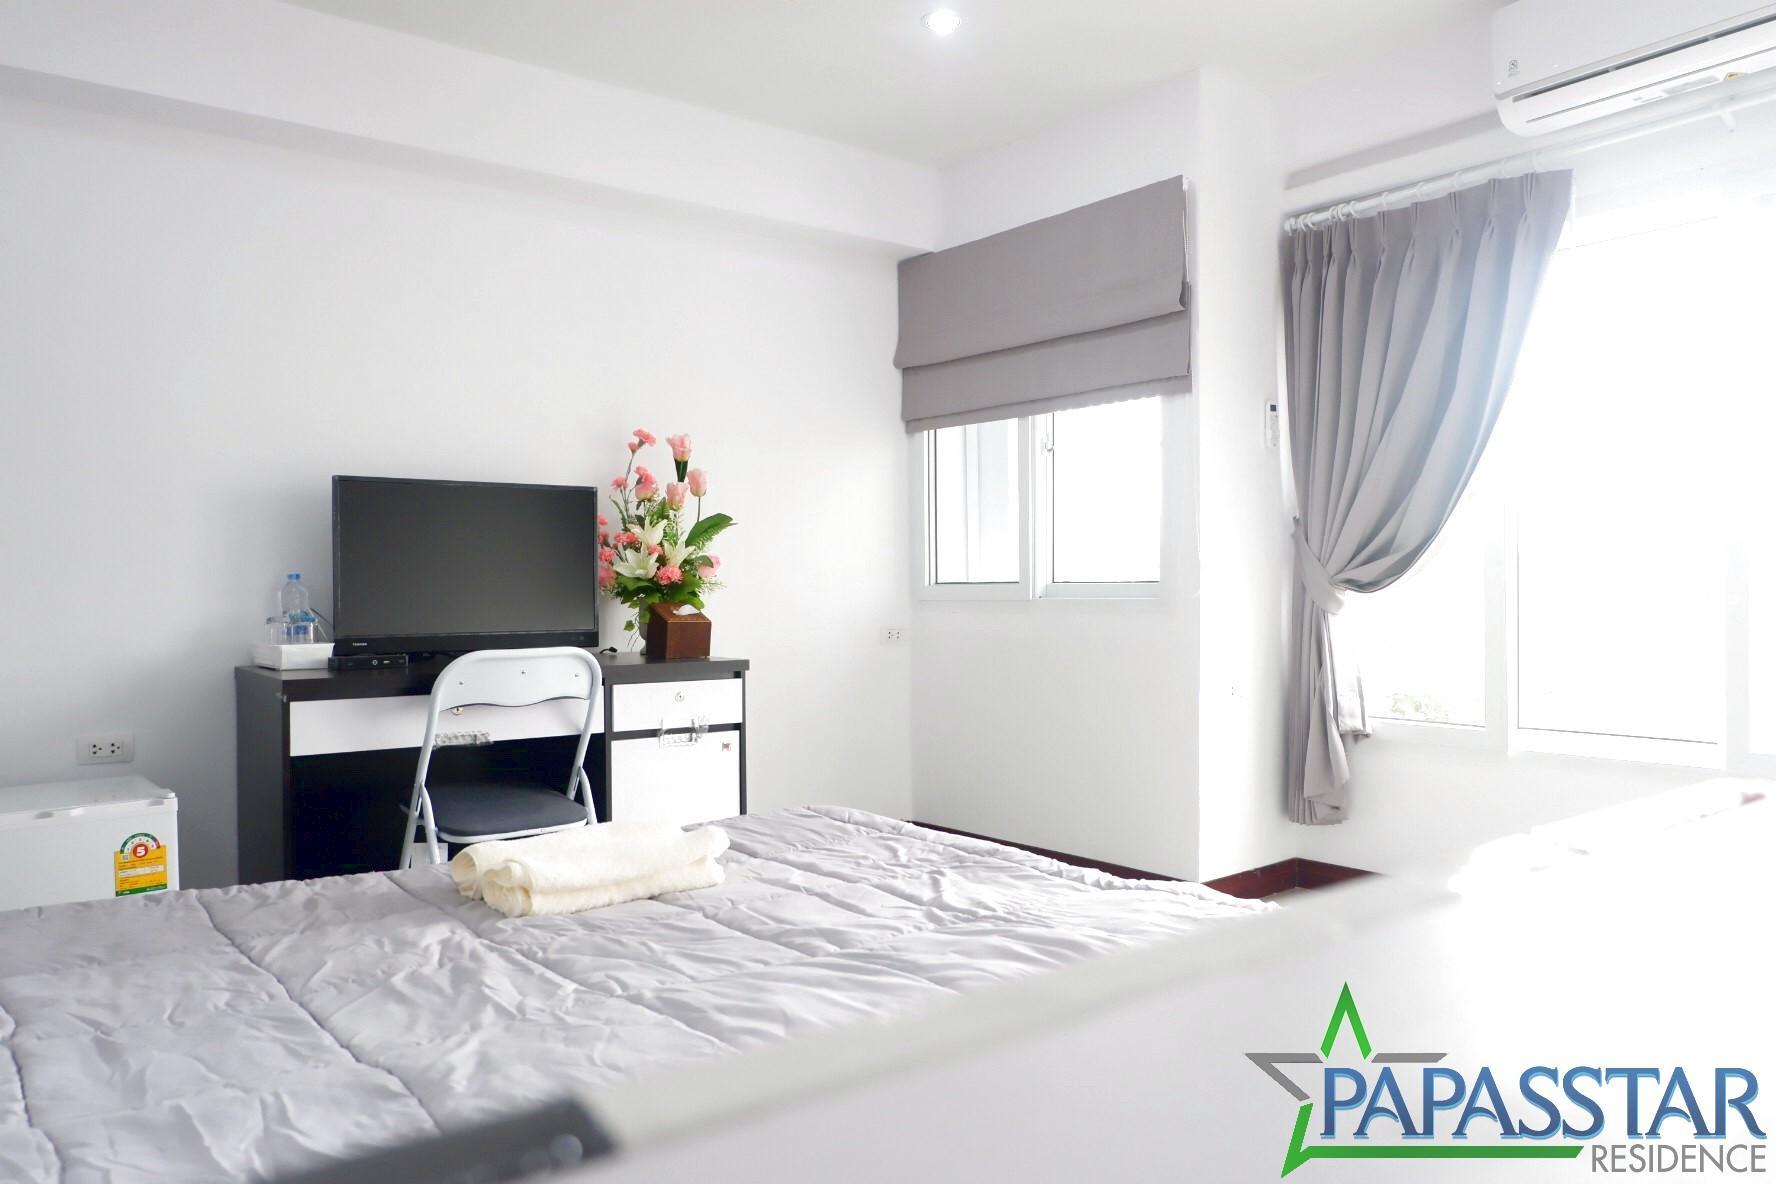 Papasstar Residence Deluxe 2